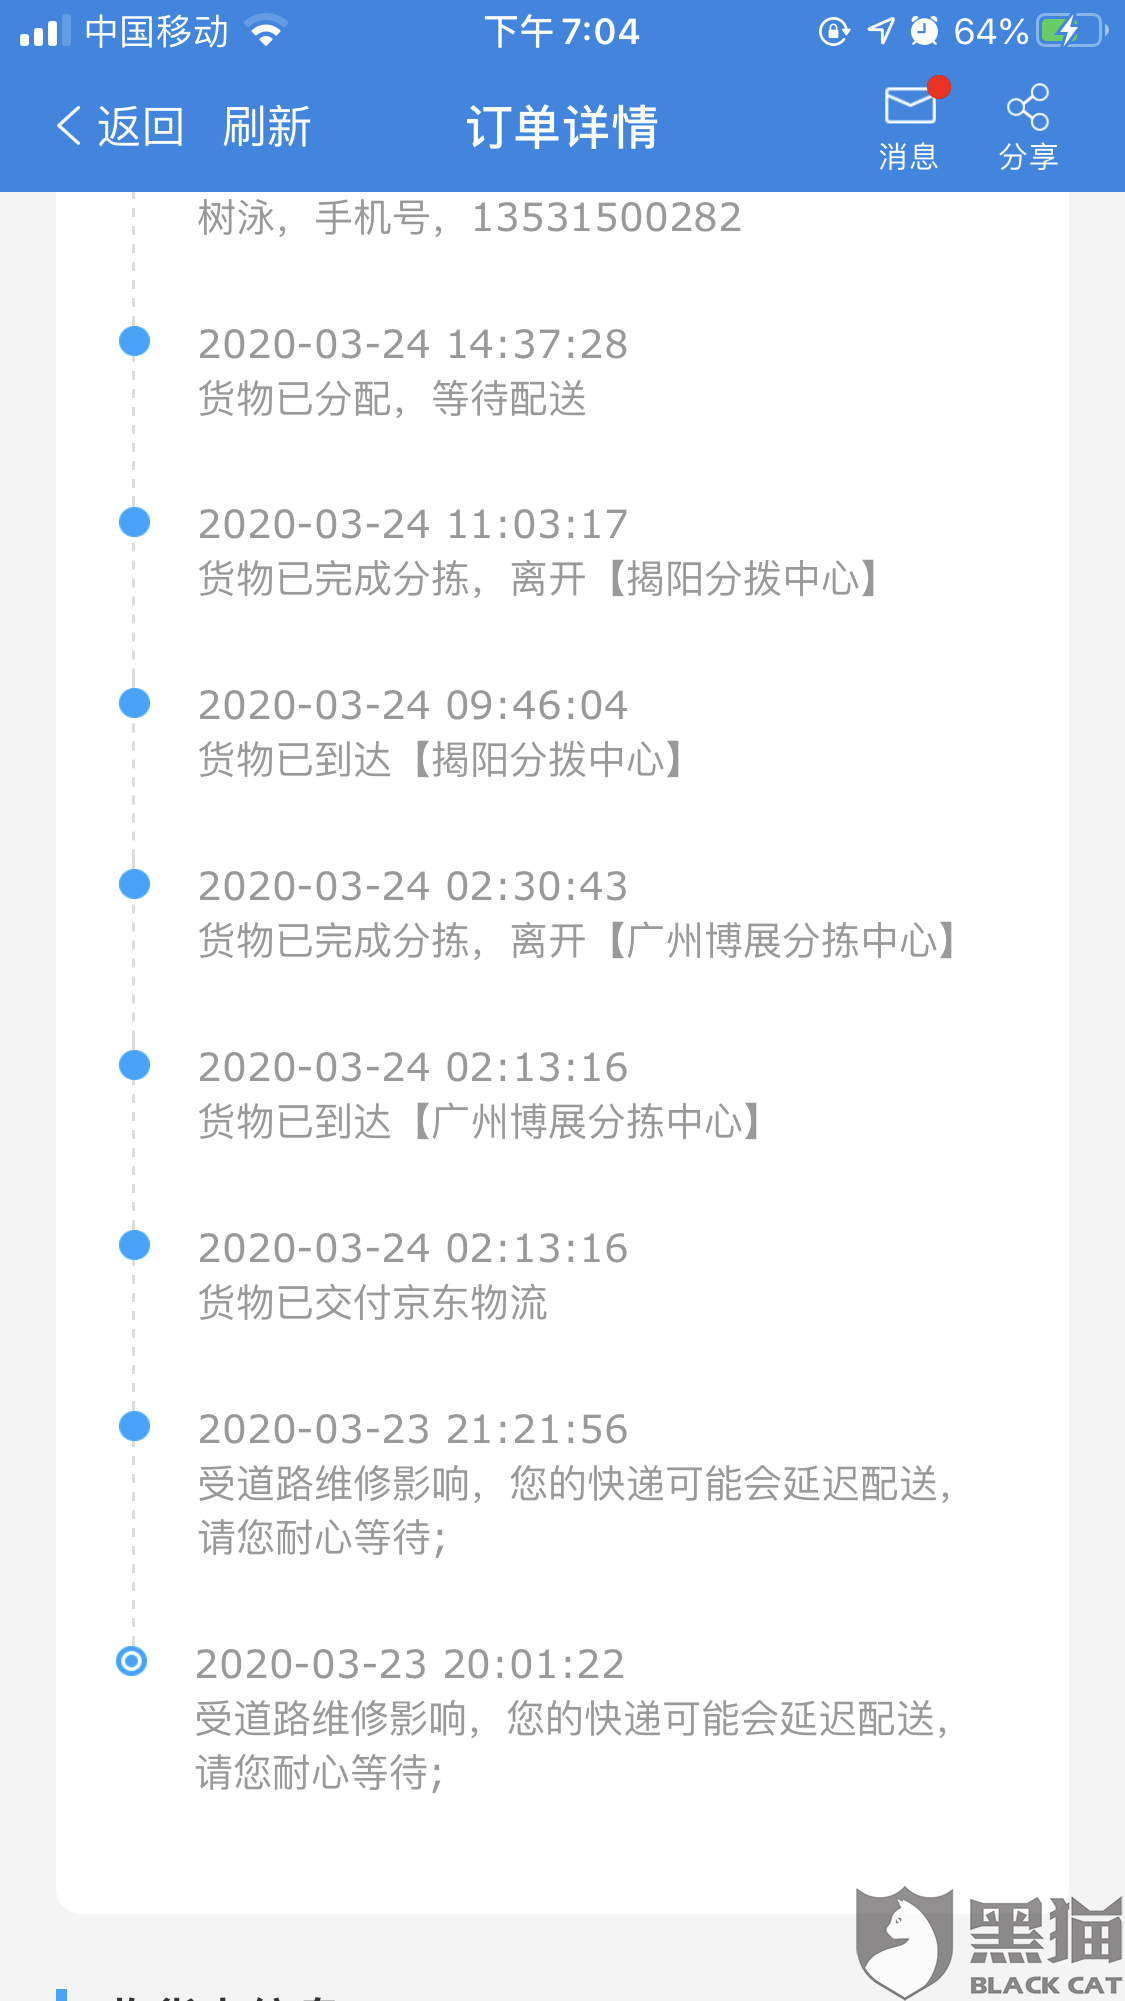 黑猫投诉:京东物流客服用时2天解决了消费者投诉